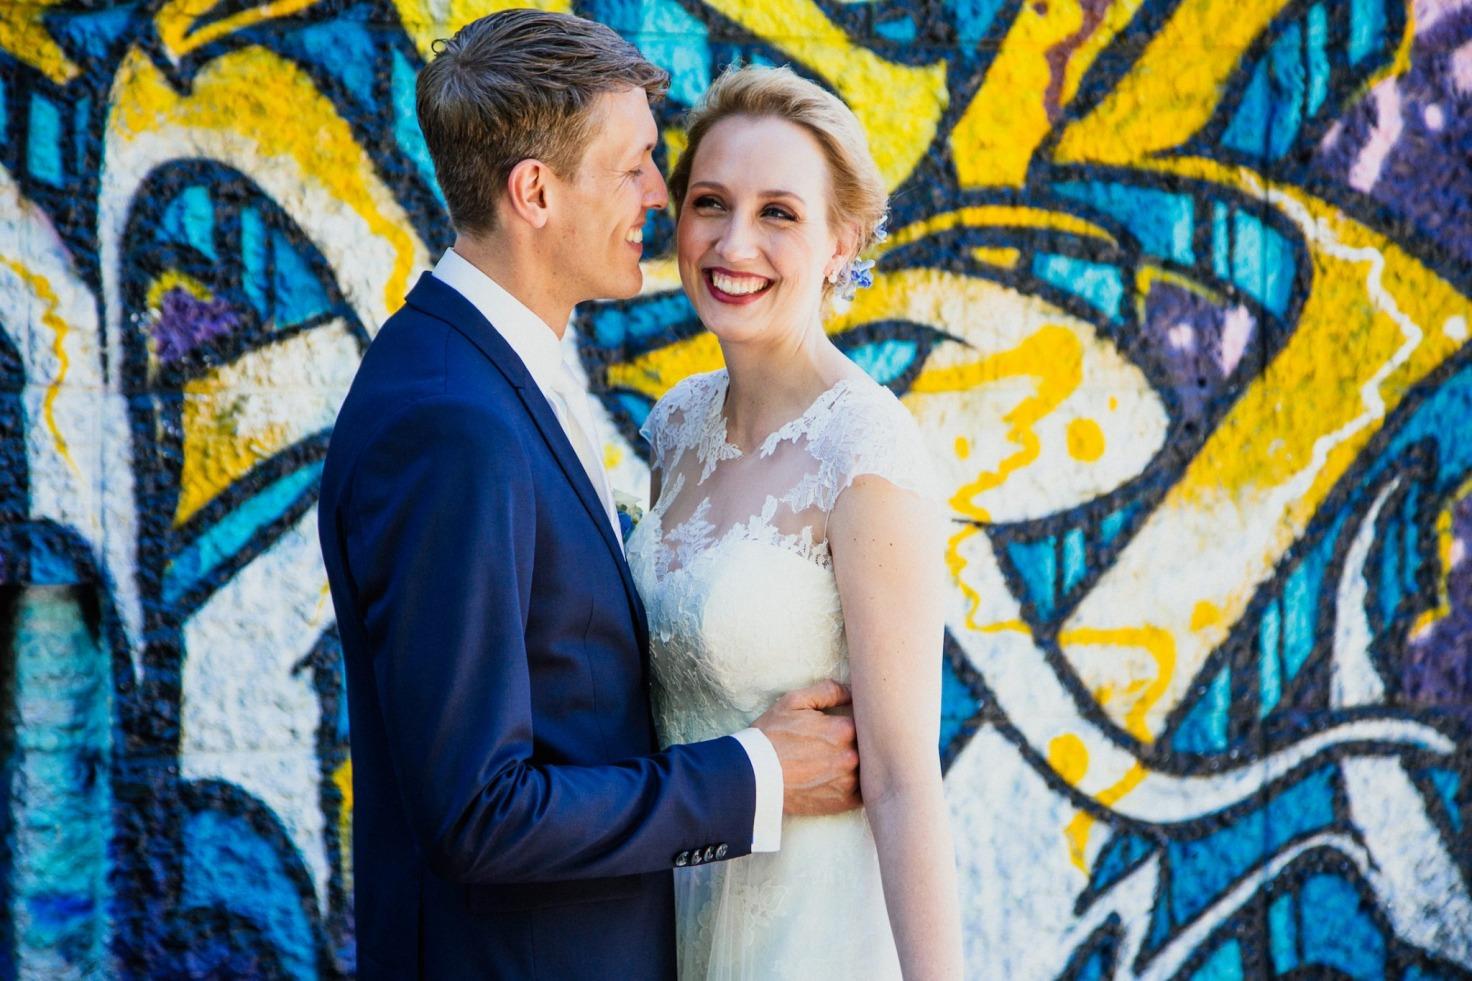 Hochzeit von Tine und Basti in Münster: Brautpaar vor einer bemalten Wand